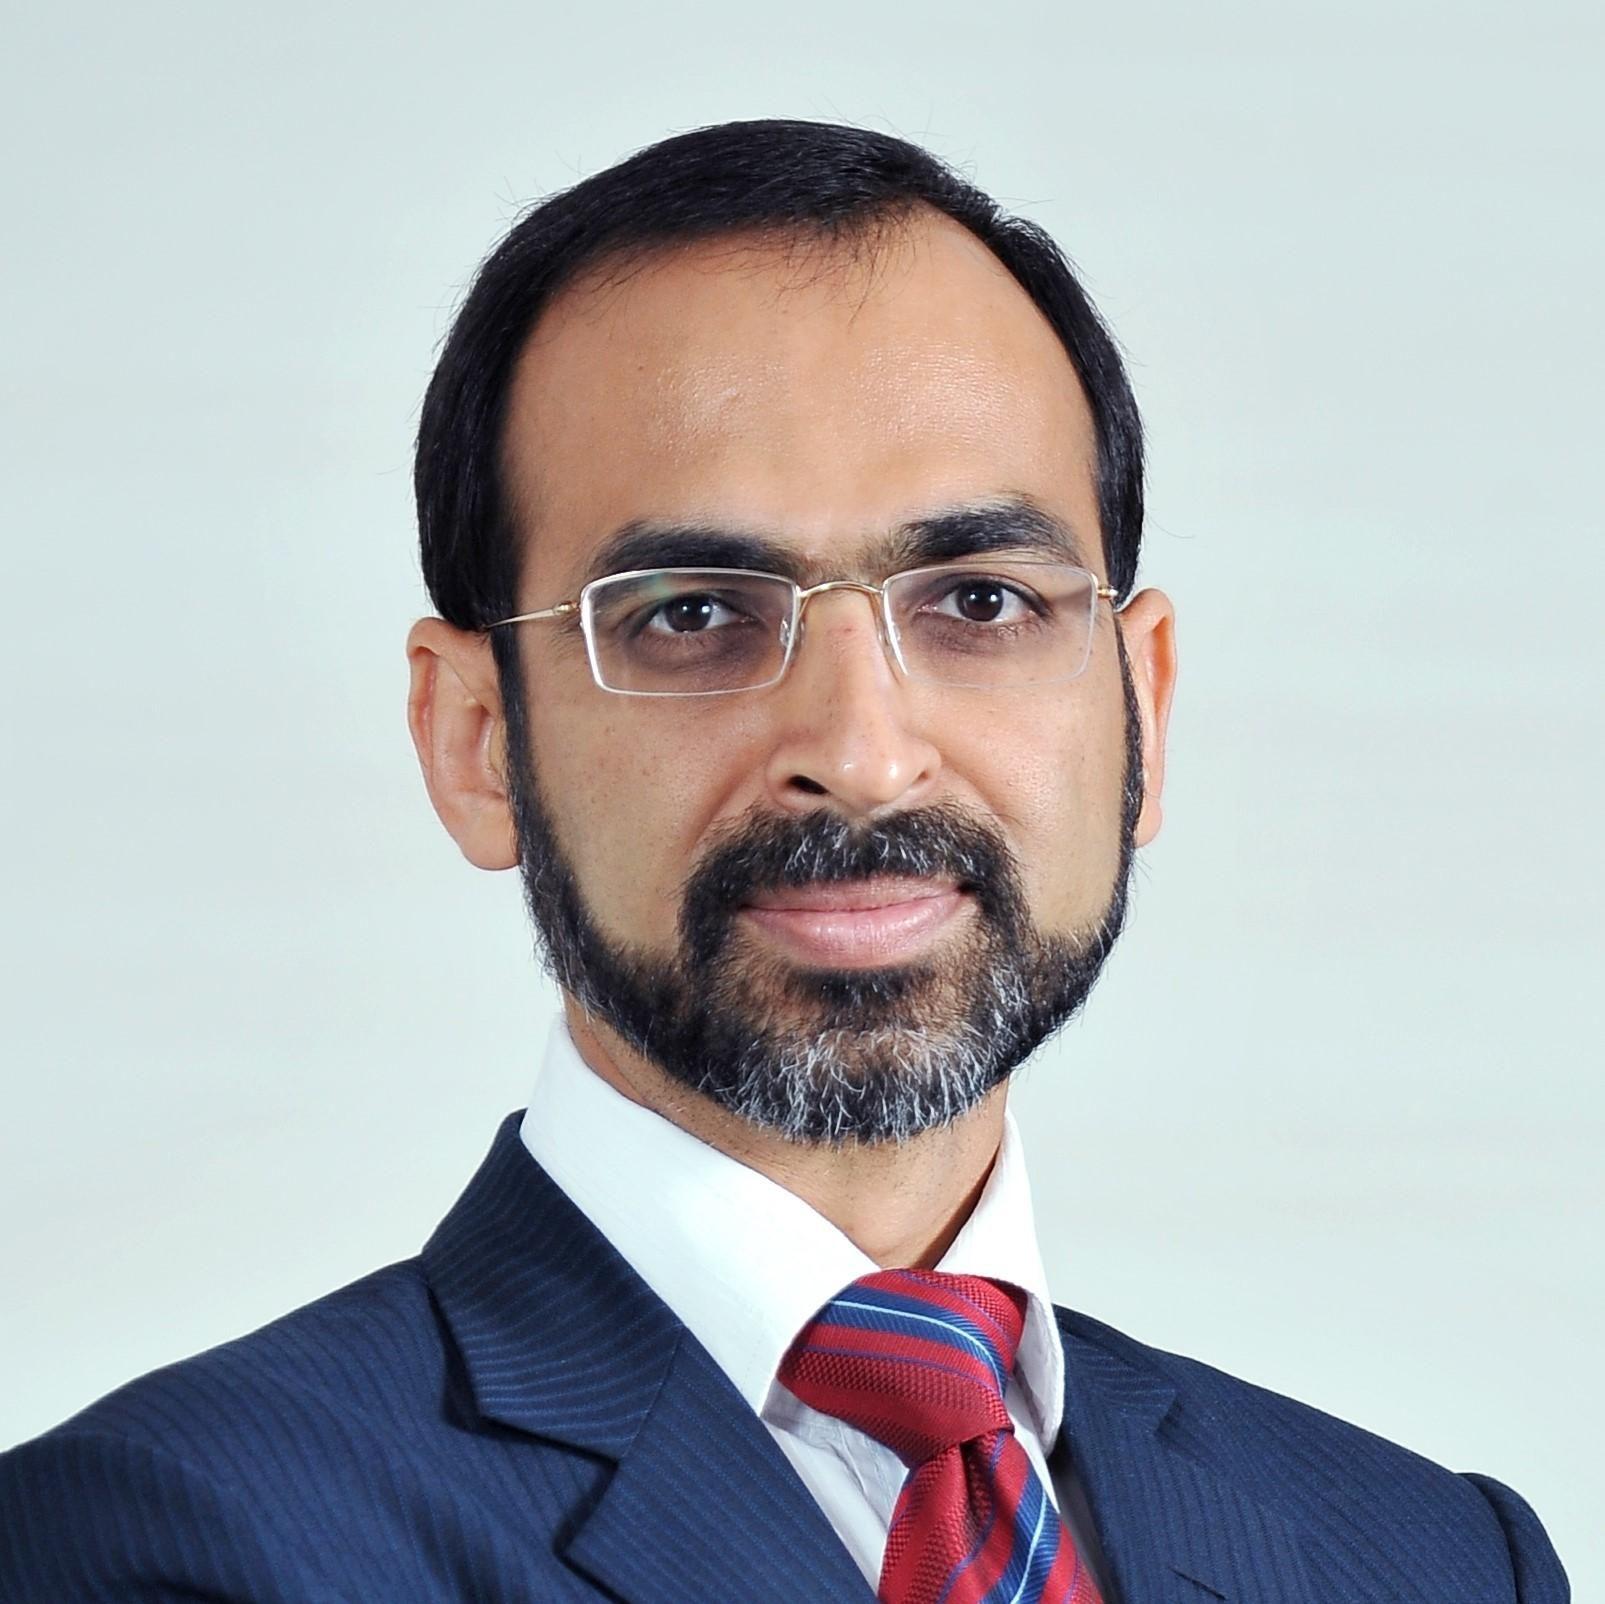 Mayank Dhingra